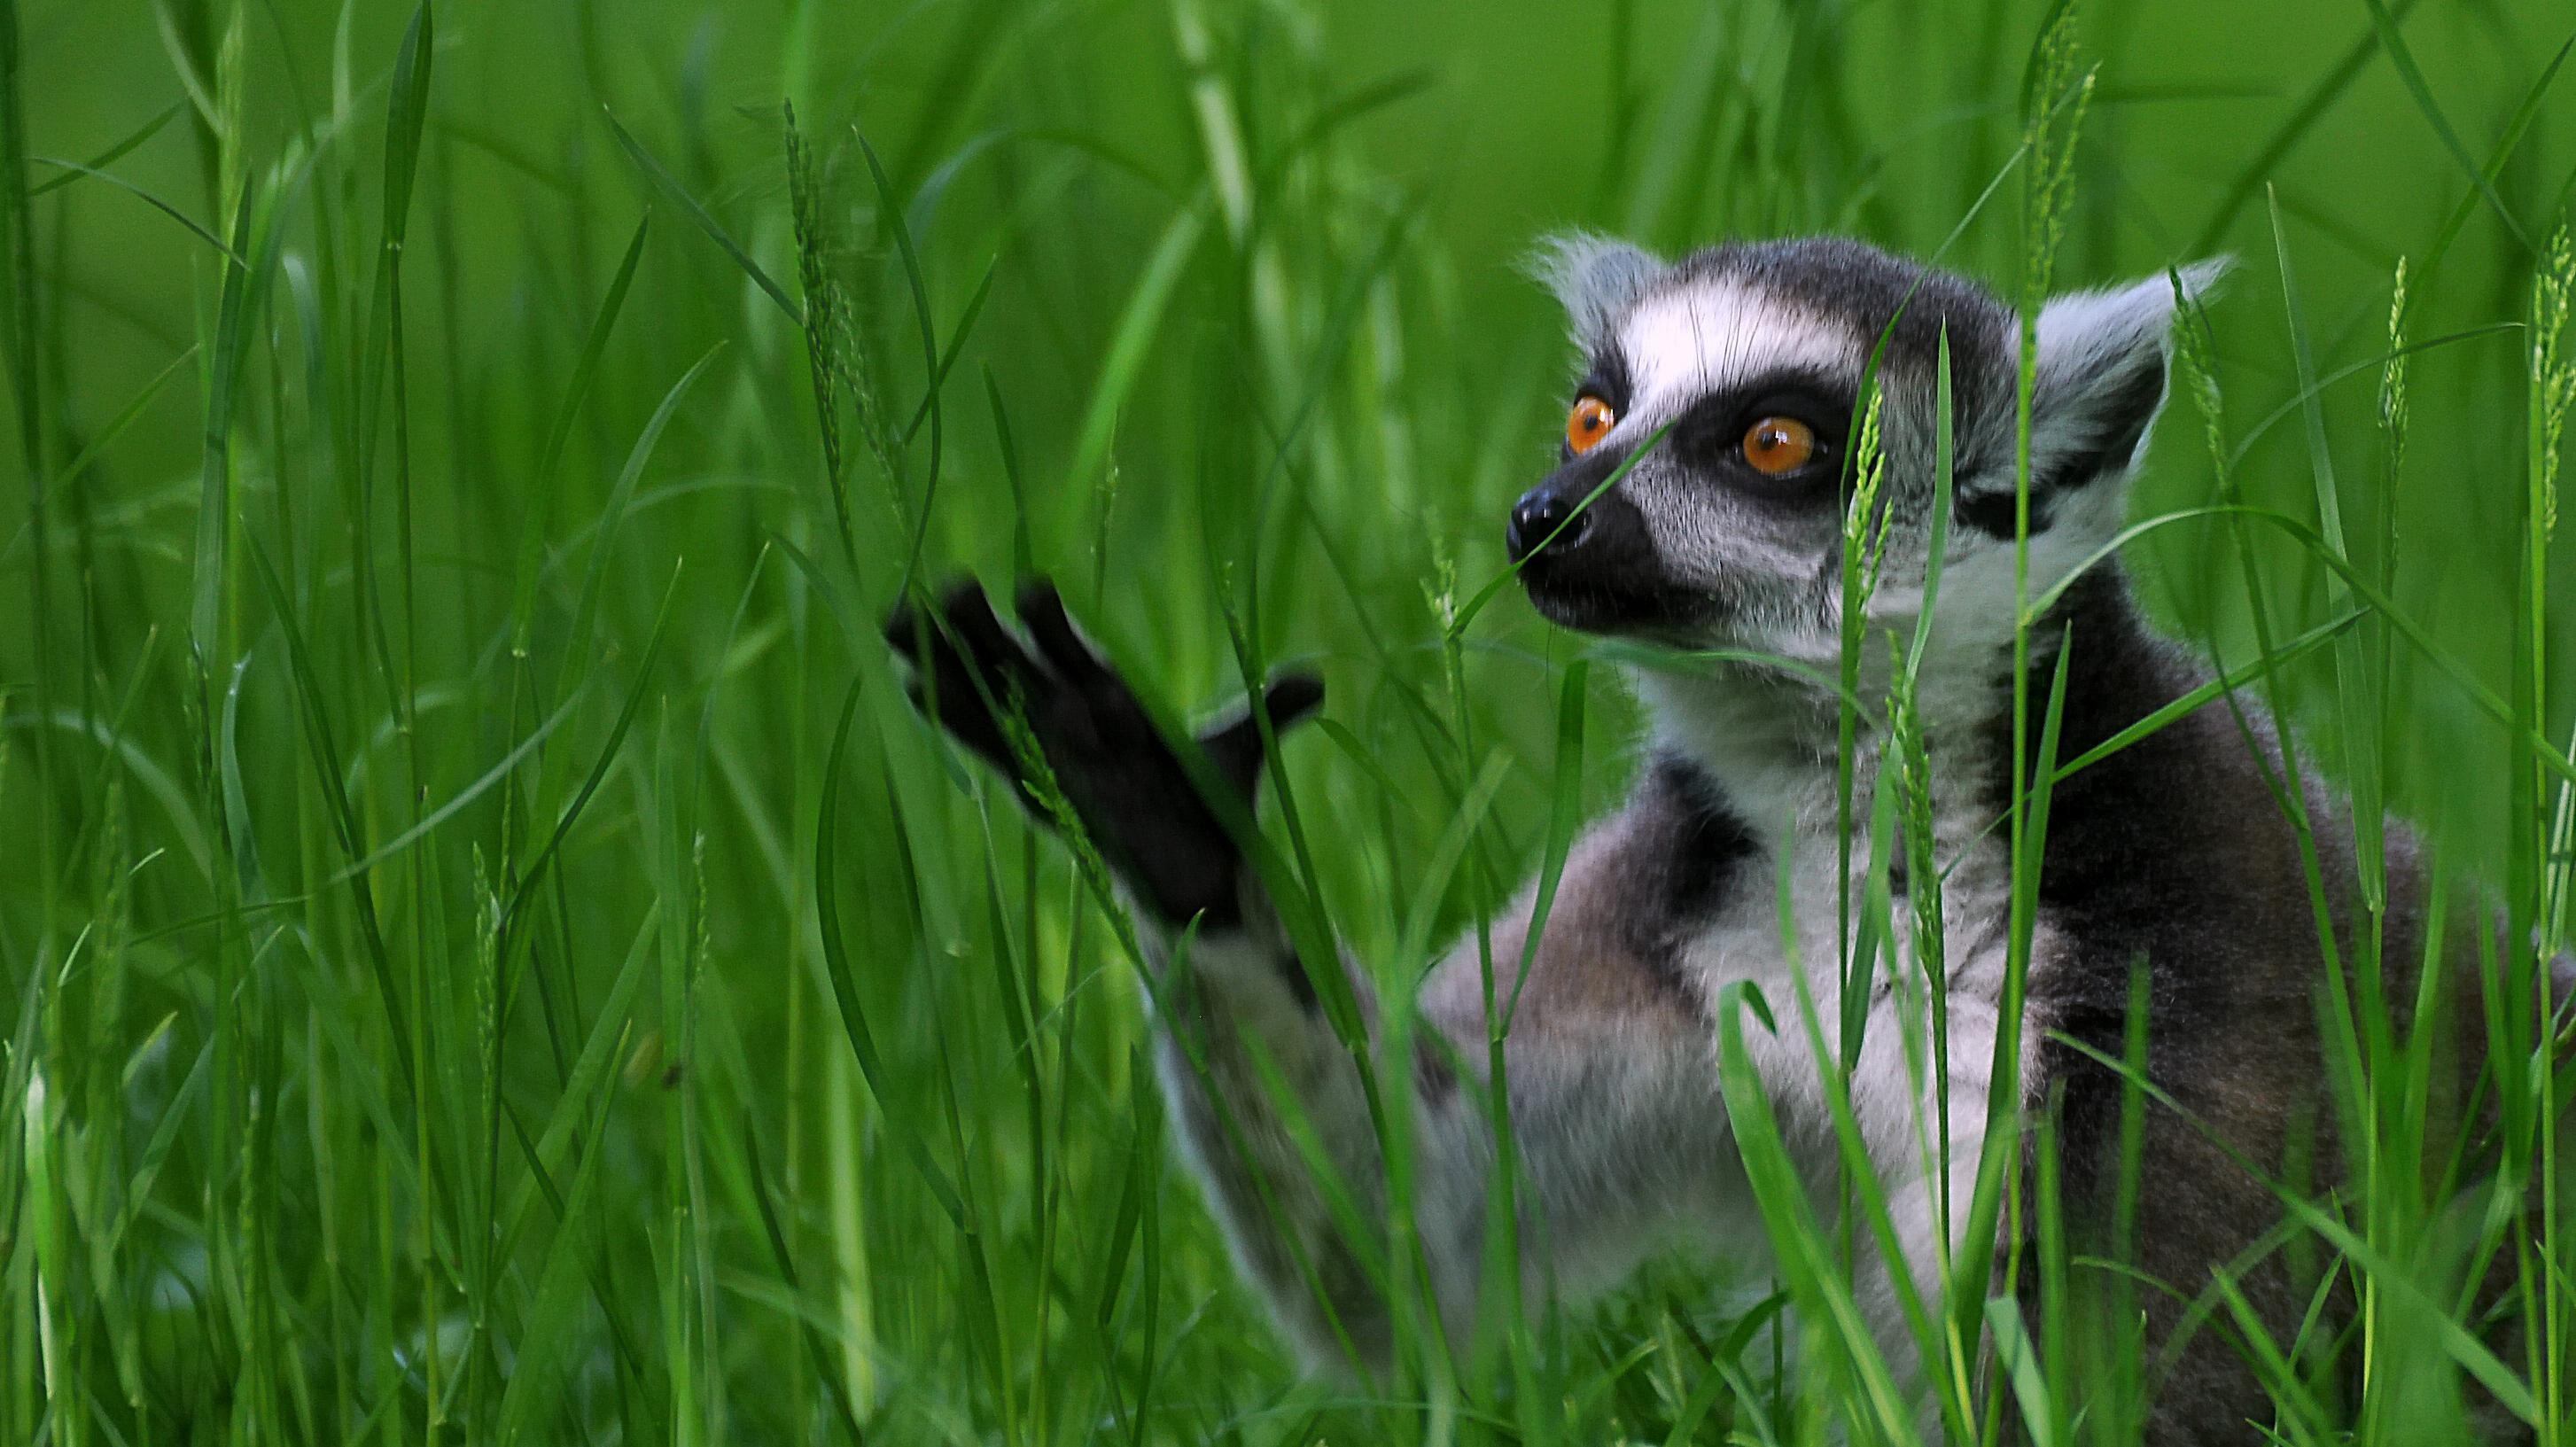 wallpapers gras lemuren katzen lemuren f r desktop 115636. Black Bedroom Furniture Sets. Home Design Ideas